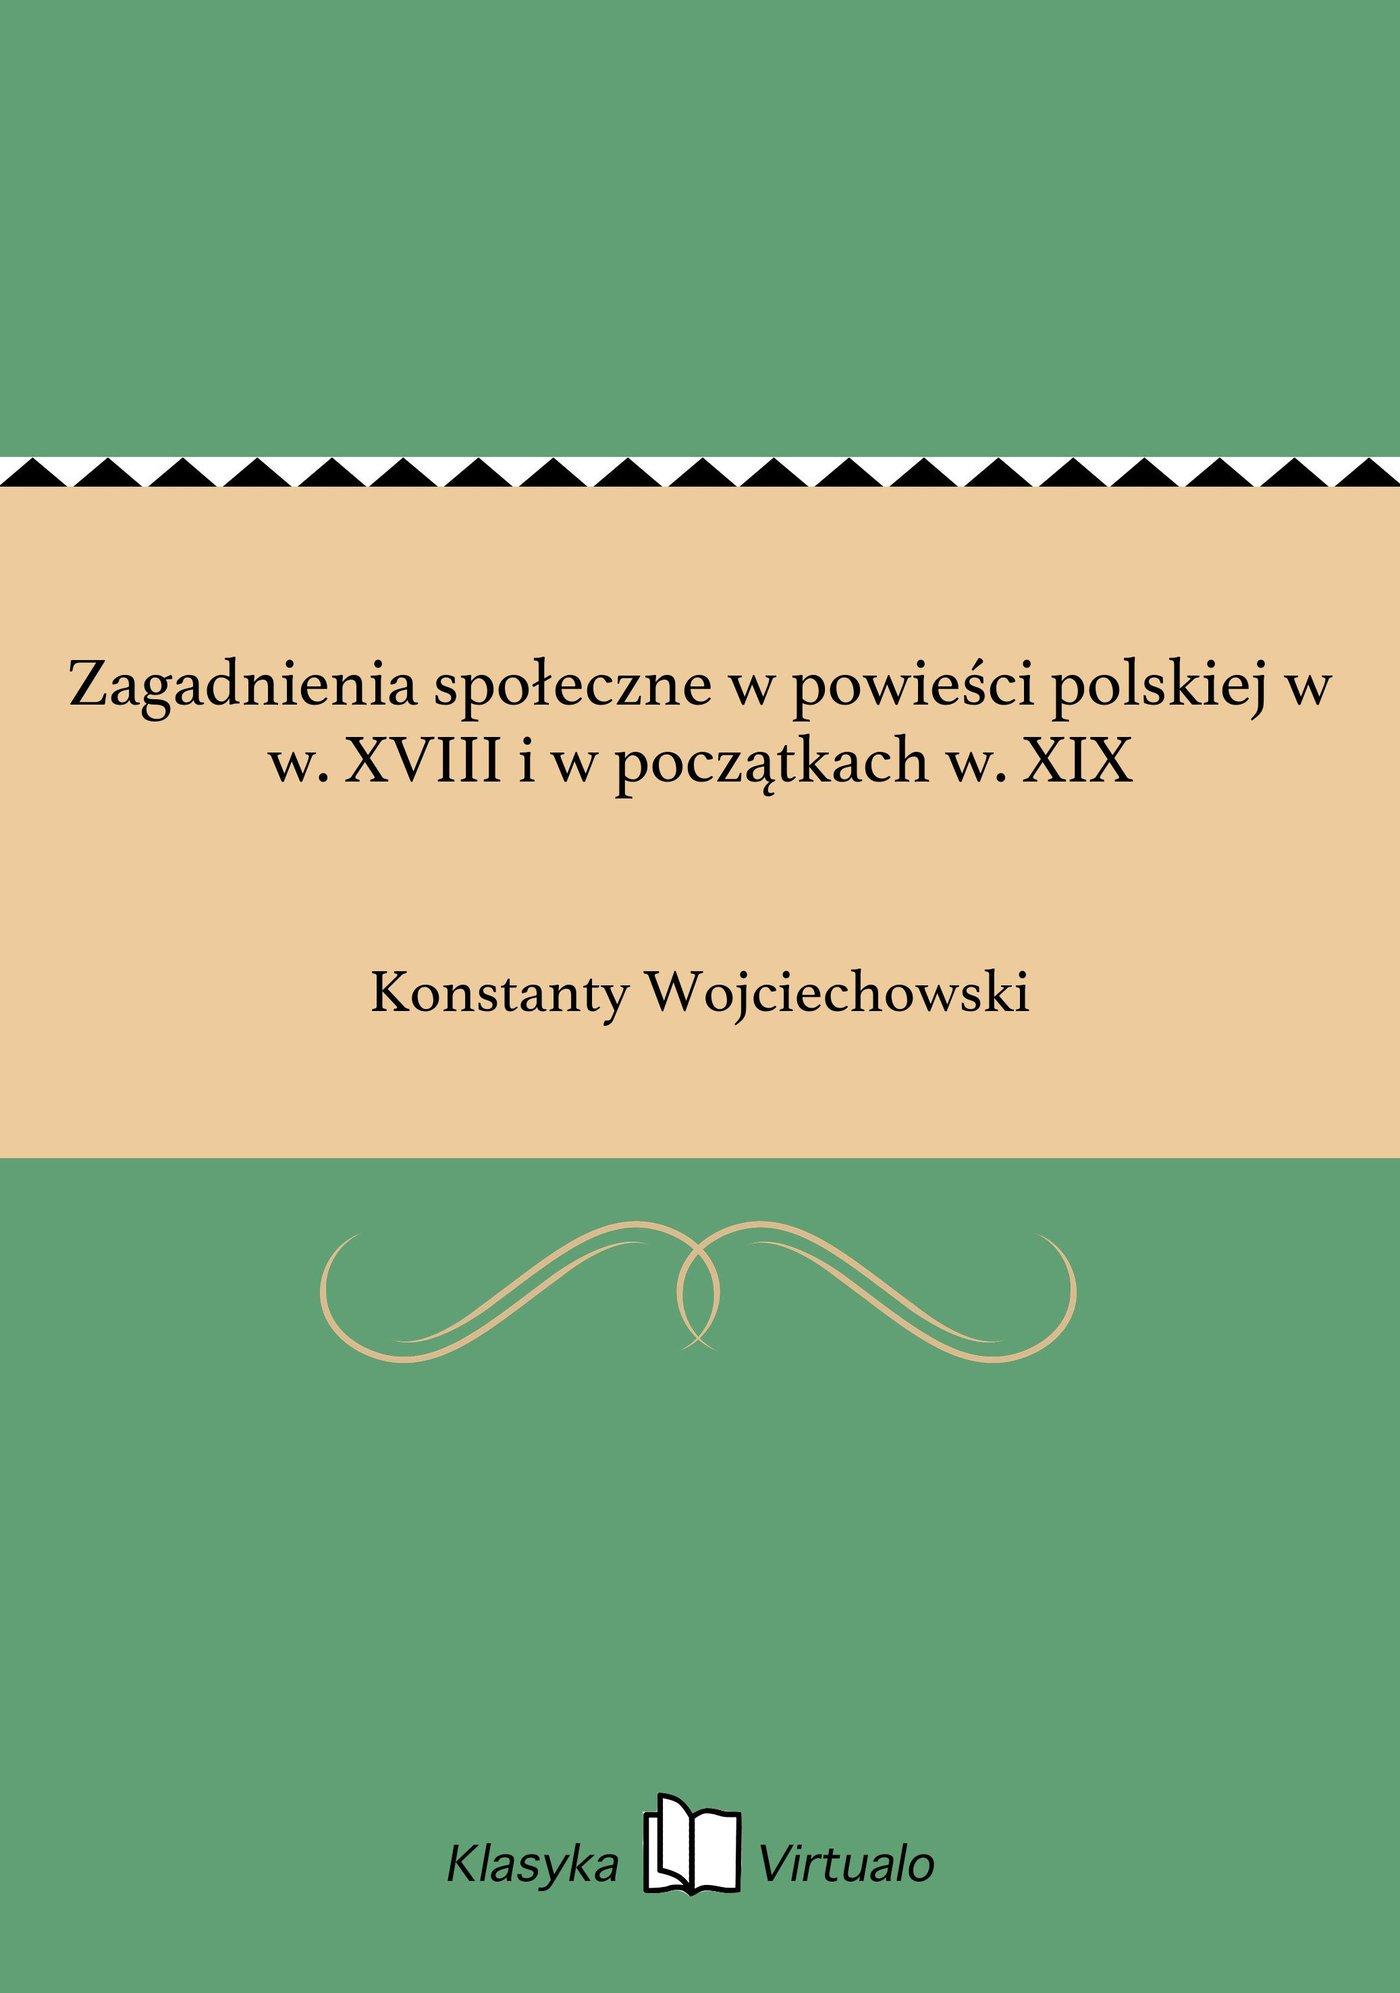 Zagadnienia społeczne w powieści polskiej w w. XVIII i w początkach w. XIX - Ebook (Książka EPUB) do pobrania w formacie EPUB